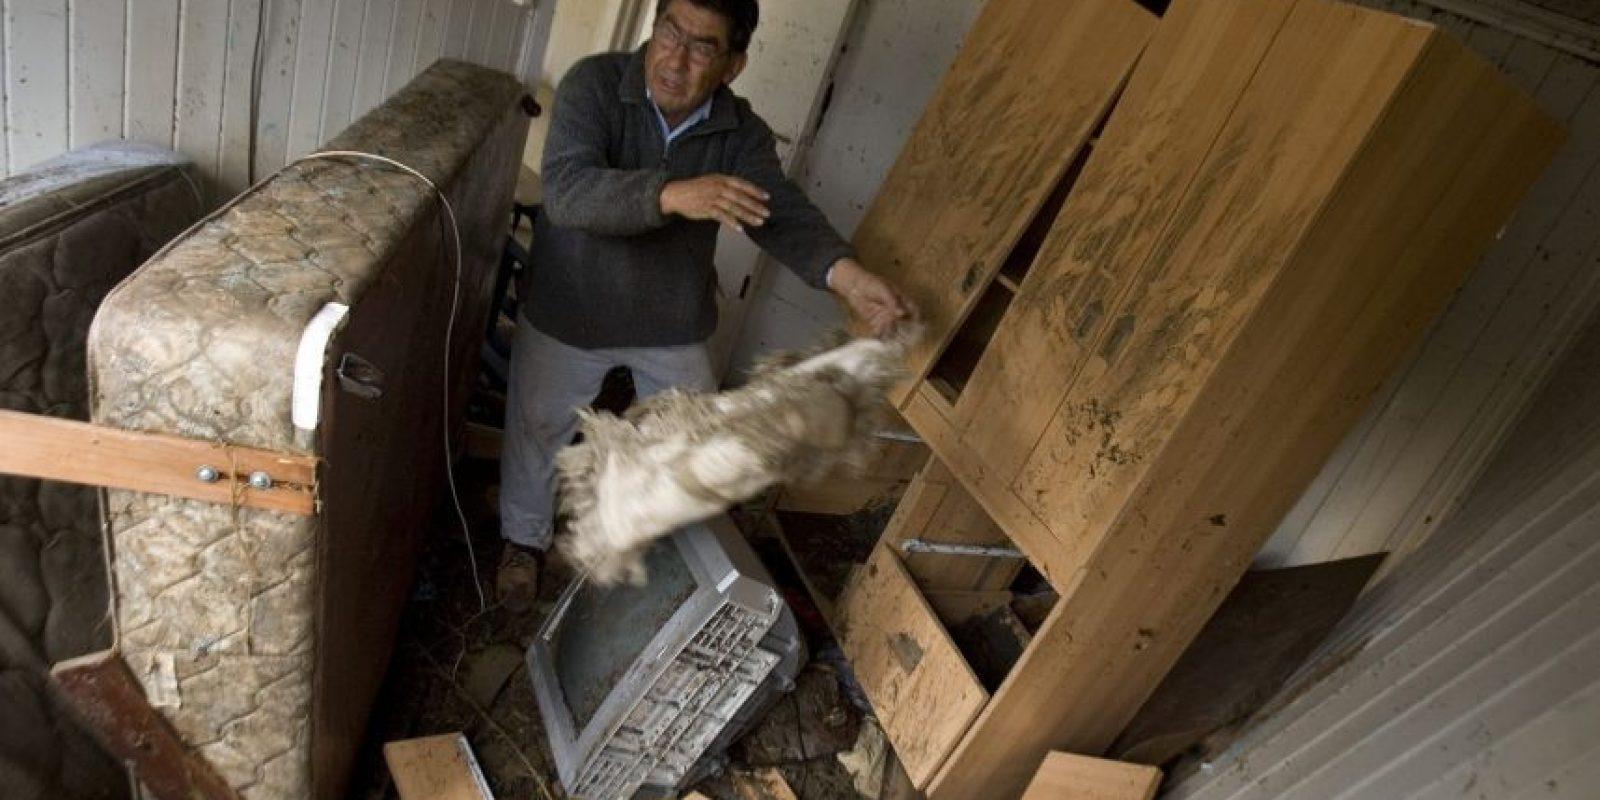 Manuel Campos intentaba rescatar algunas pertenencias de una vivienda destruida el lunes 1 de marzo de 2010, tras el maremoto en la localidad de Dichato, a 475 kilómetros al sur de Santiago (Chile), a raíz del terremoto de 8,8 grados en la escala de Richter que sacudió el sábado 27 de 2010 el centro y sur de Chile. En ese entonces el Gobierno nacional elevó a 723 el número de muertos y fijó en 19 los desaparecidos. Foto:Archivo EFE/Ian Salas